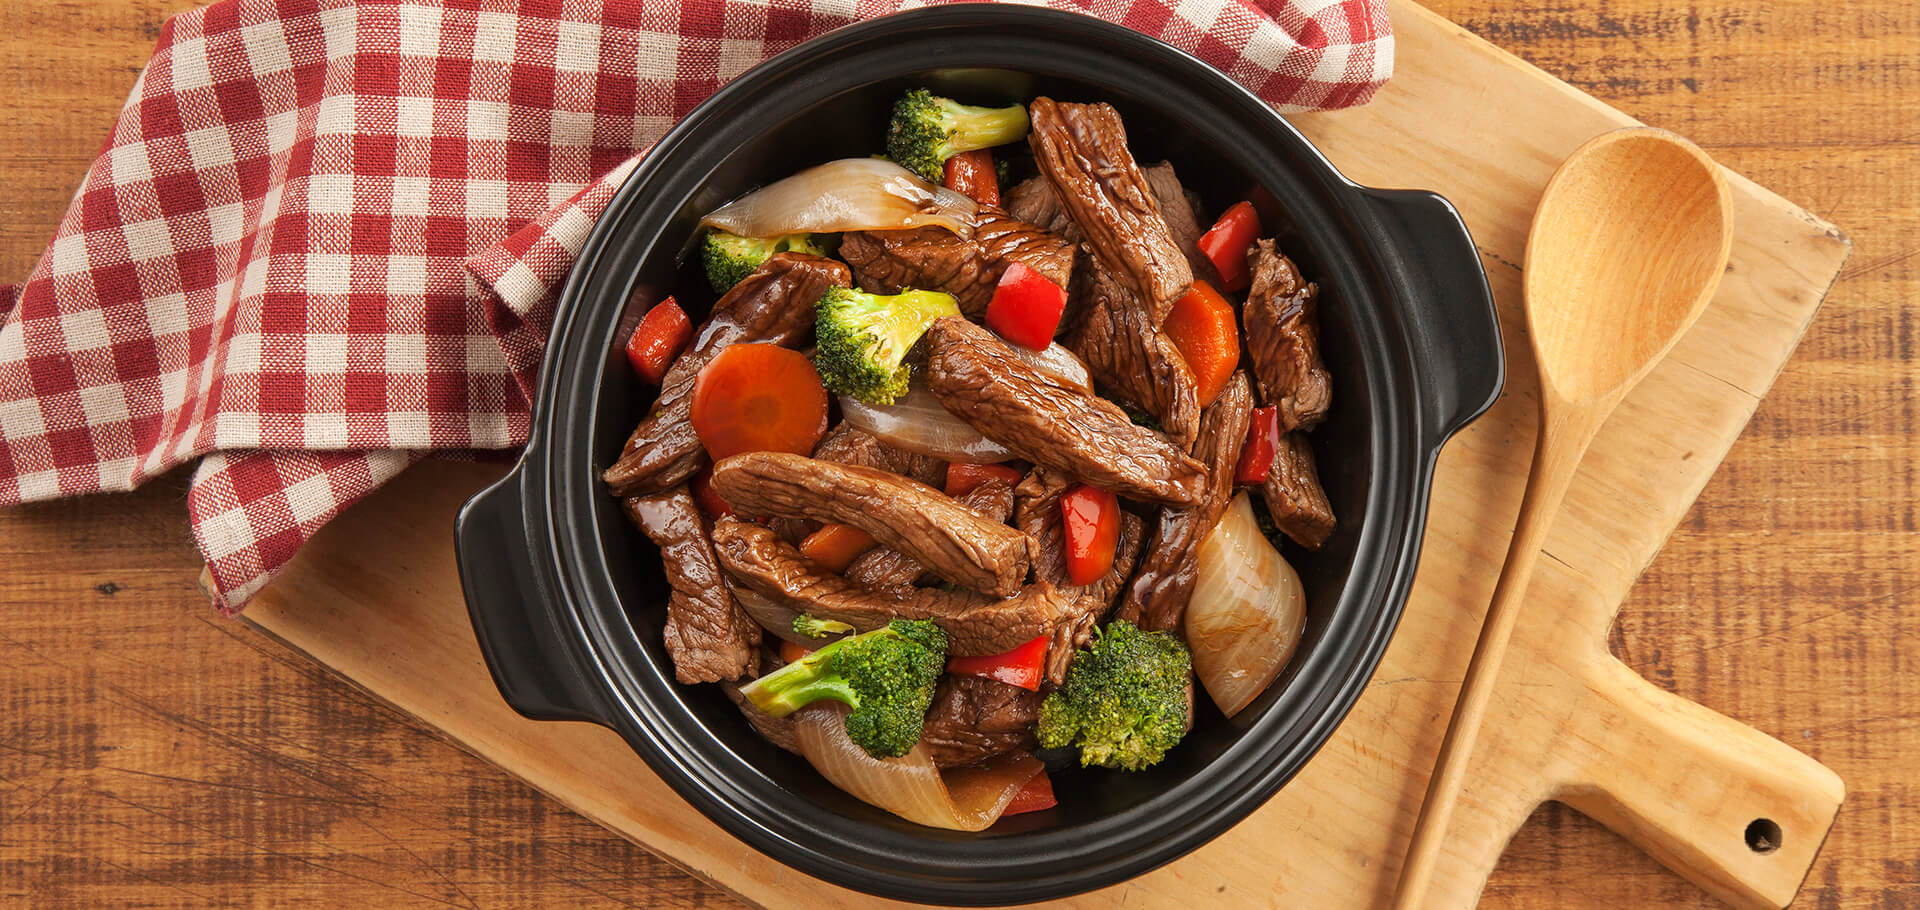 牛肉和蔬菜炒